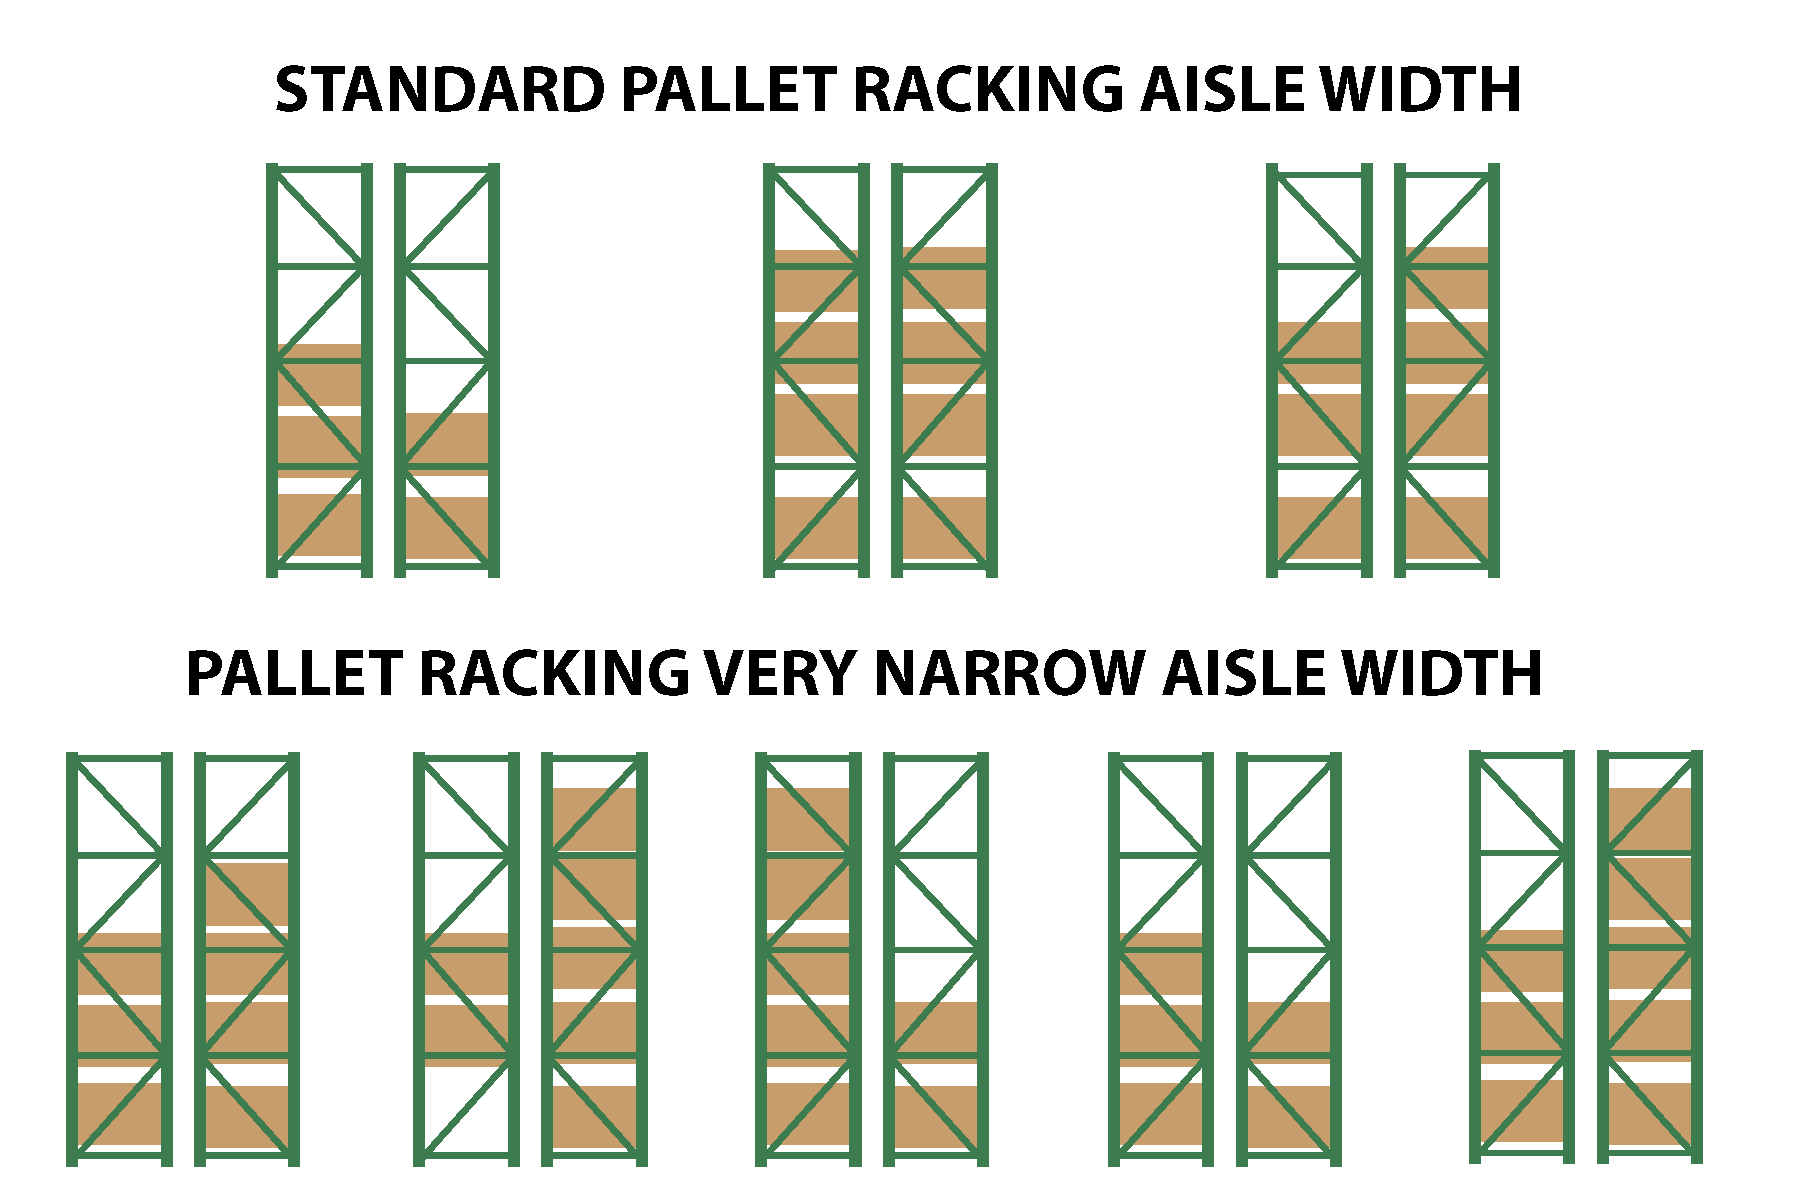 Adjusting Aisle Widths